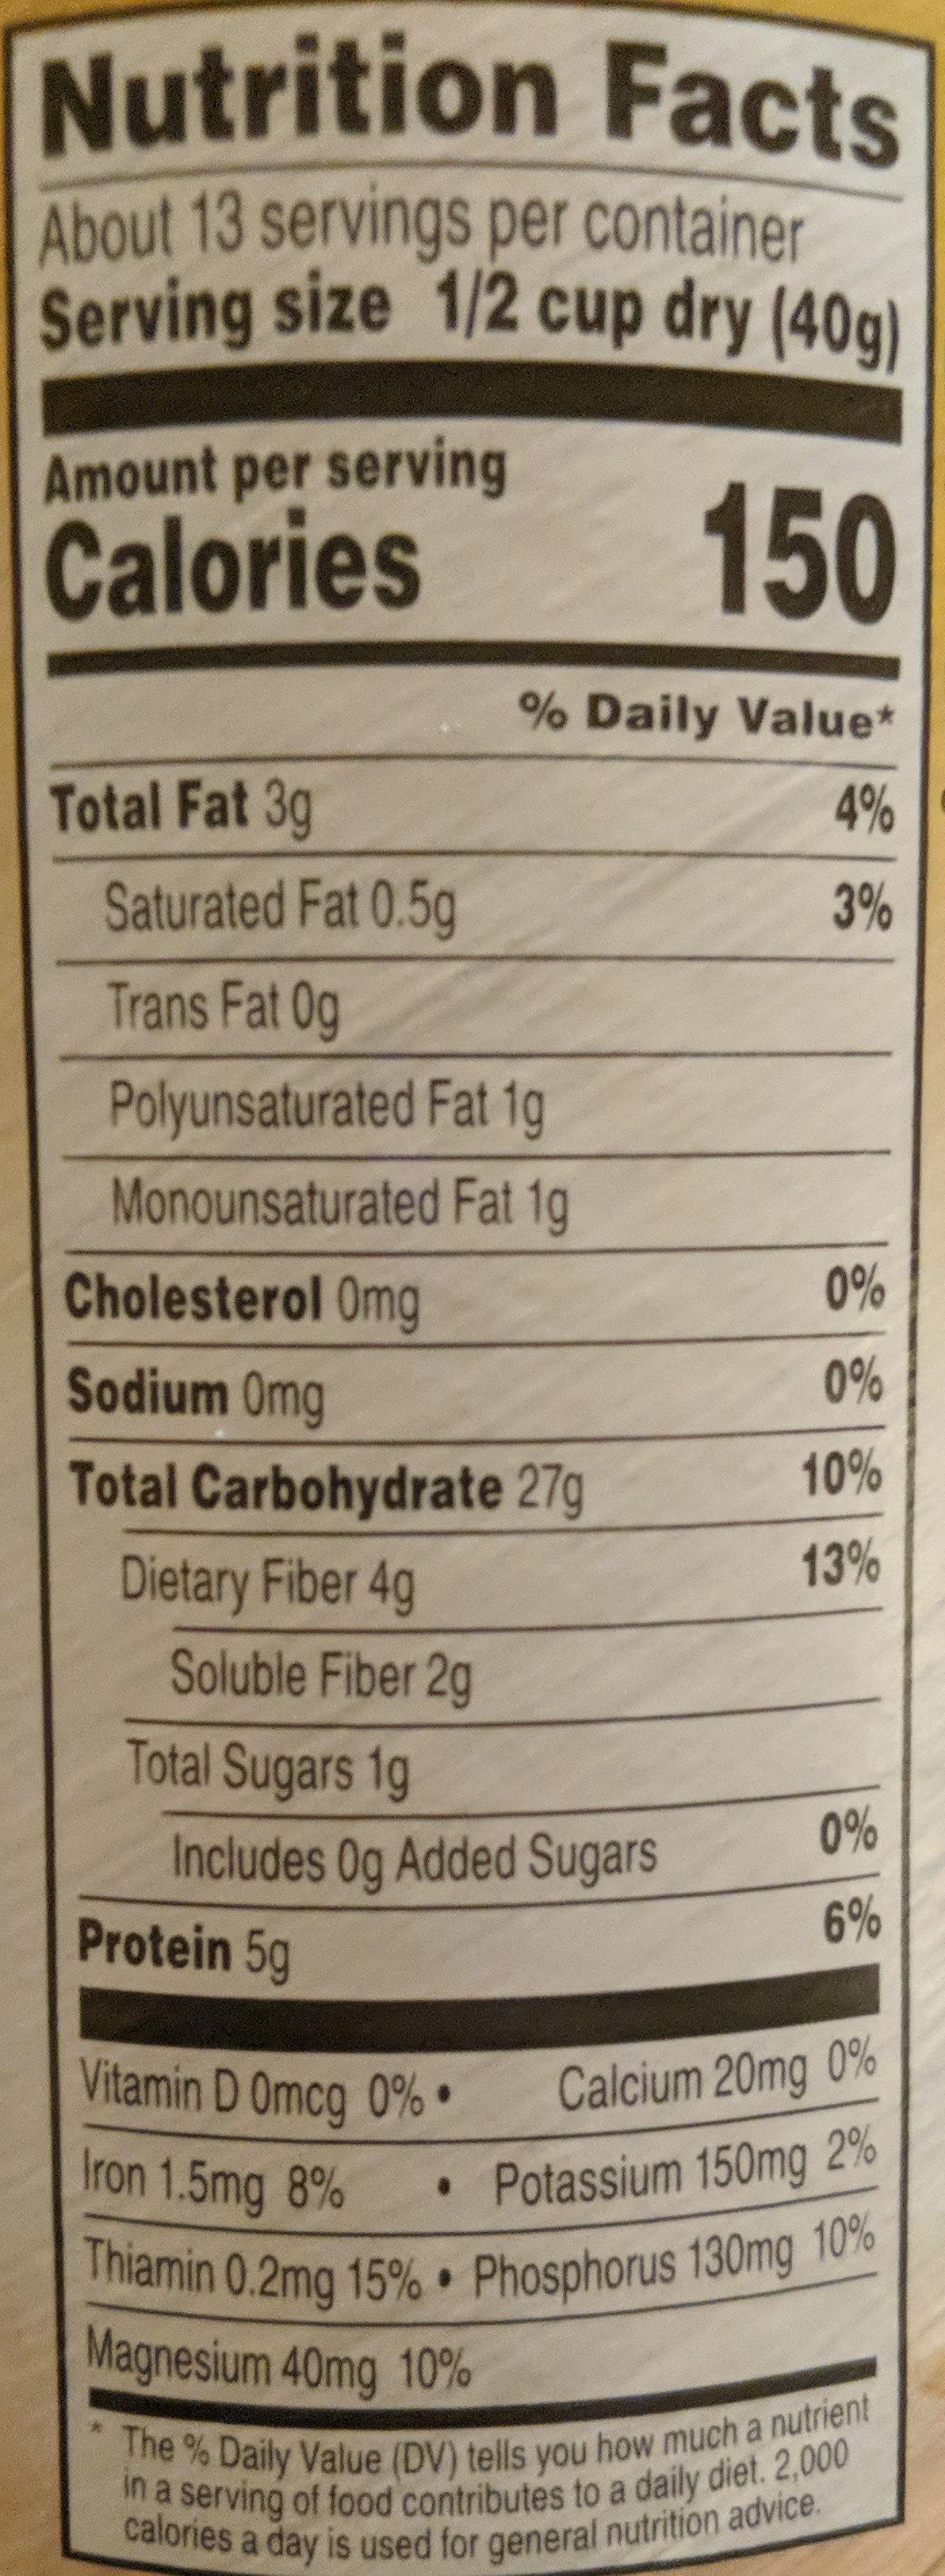 100% whole grain oats quick 1-minute oats - Ingrédients - en